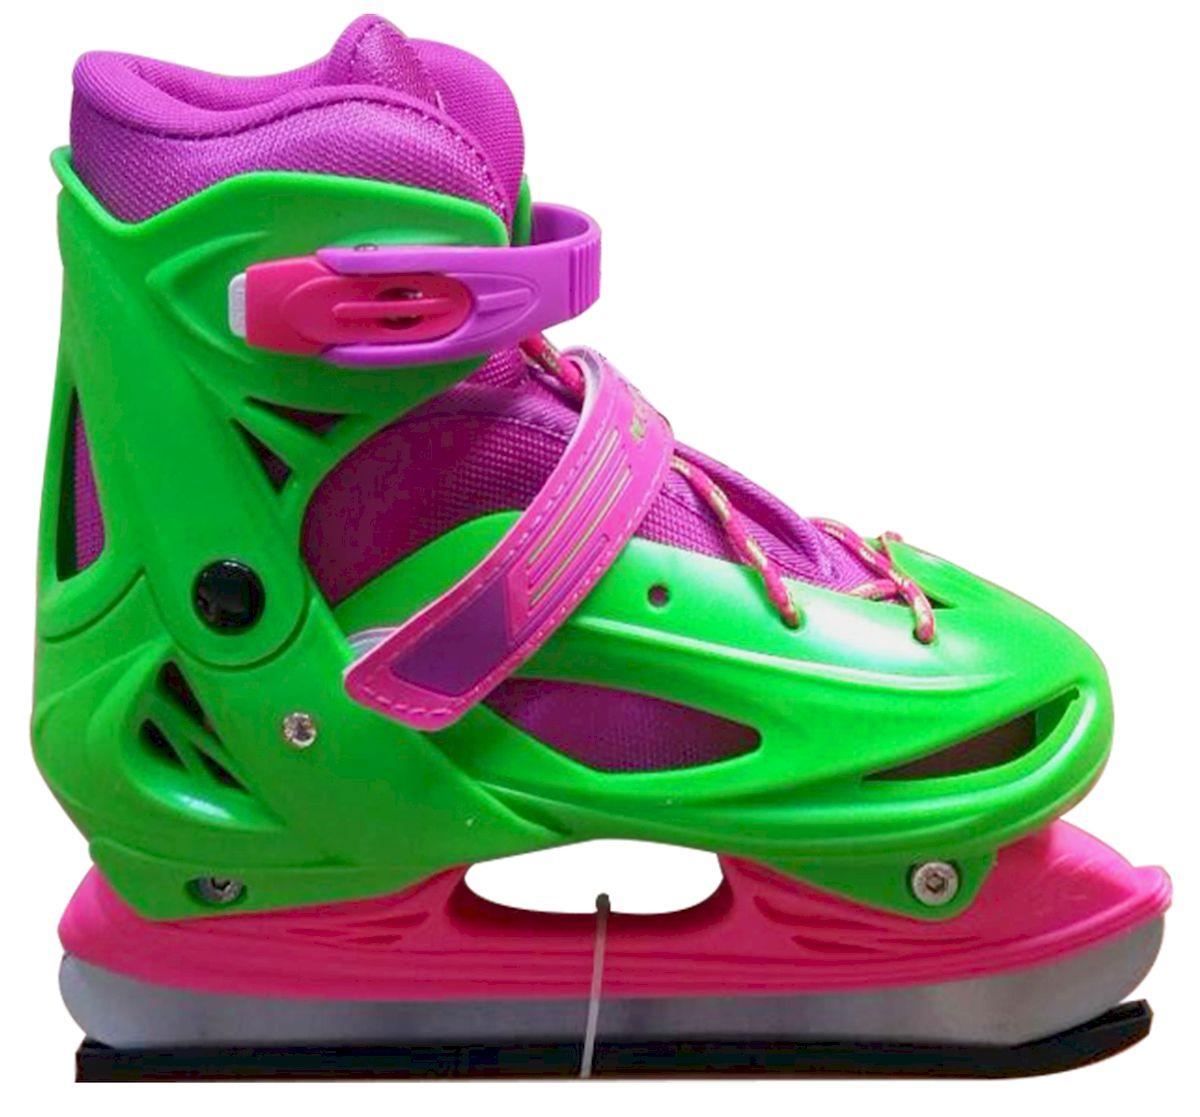 Коньки ледовые Ice Blade Sophie, раздвижные, цвет: розовый, зеленый. УТ-00009126. Размер S (30/33)ASE-611FКоньки раздвижные Sophie - это классические раздвижные коньки от известного бренда Ice Blade, которые предназначены для детей и подростков, а также для тех, кто делает первые шаги в катании на льду.Ботинок изготовлен из морозоустойчивого пластика. Внутренняя поверхность из мягкого и теплого текстиля обеспечивает комфорт во время движения. Лезвие выполнено из высокоуглеродистой стали с покрытием из никеля. Пластиковая клипса с фиксатором, хлястик на липучке и шнуровка надежно фиксируют голеностоп. Конструкция коньков позволяет быстро и точно изменять их размер. Яркий молодежный дизайн, теплый внутренний сапожок, удобная трехуровневая система фиксации ноги, легкая смена размера, надежная защита пятки и носка - все это бесспорные преимущества модели. Коньки поставляются с заводской заточкой лезвия, что позволяет сразу приступить к катанию и не тратить денег на заточку. Предназначены для использования на открытом и закрытом льду.